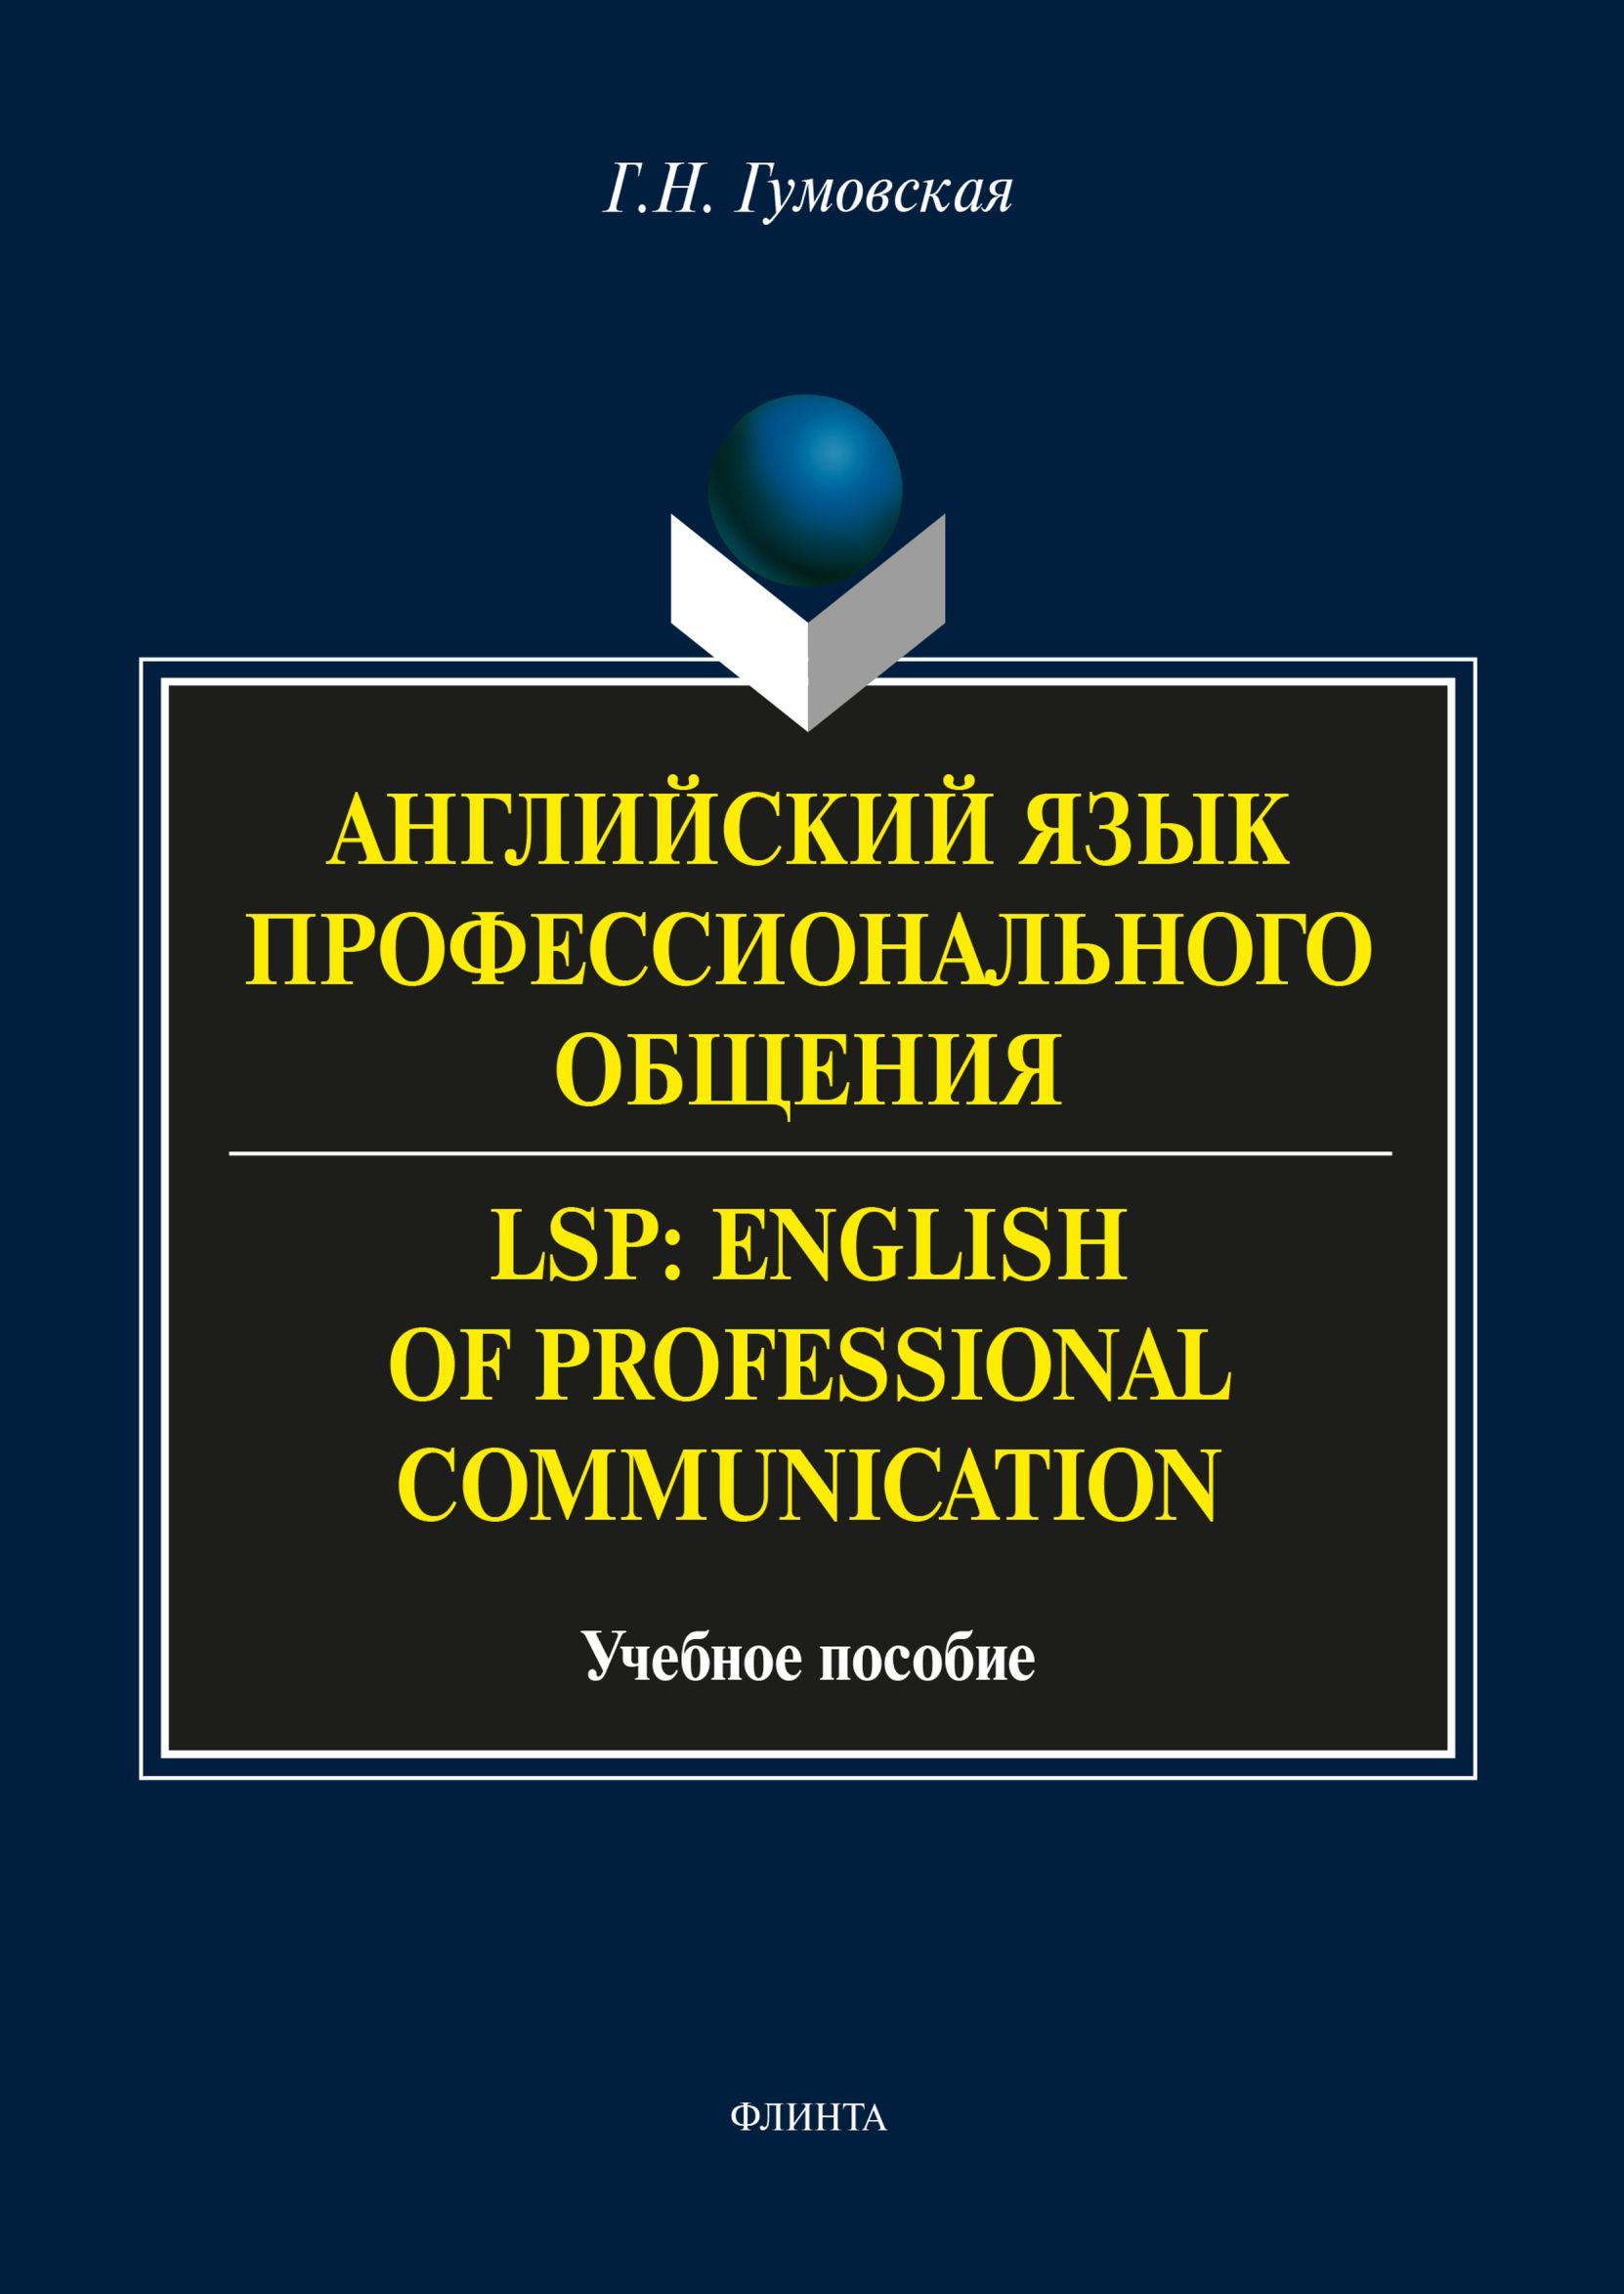 Английский язык профессионального общения / LSP: English of professional communication ( Галина Гумовская  )